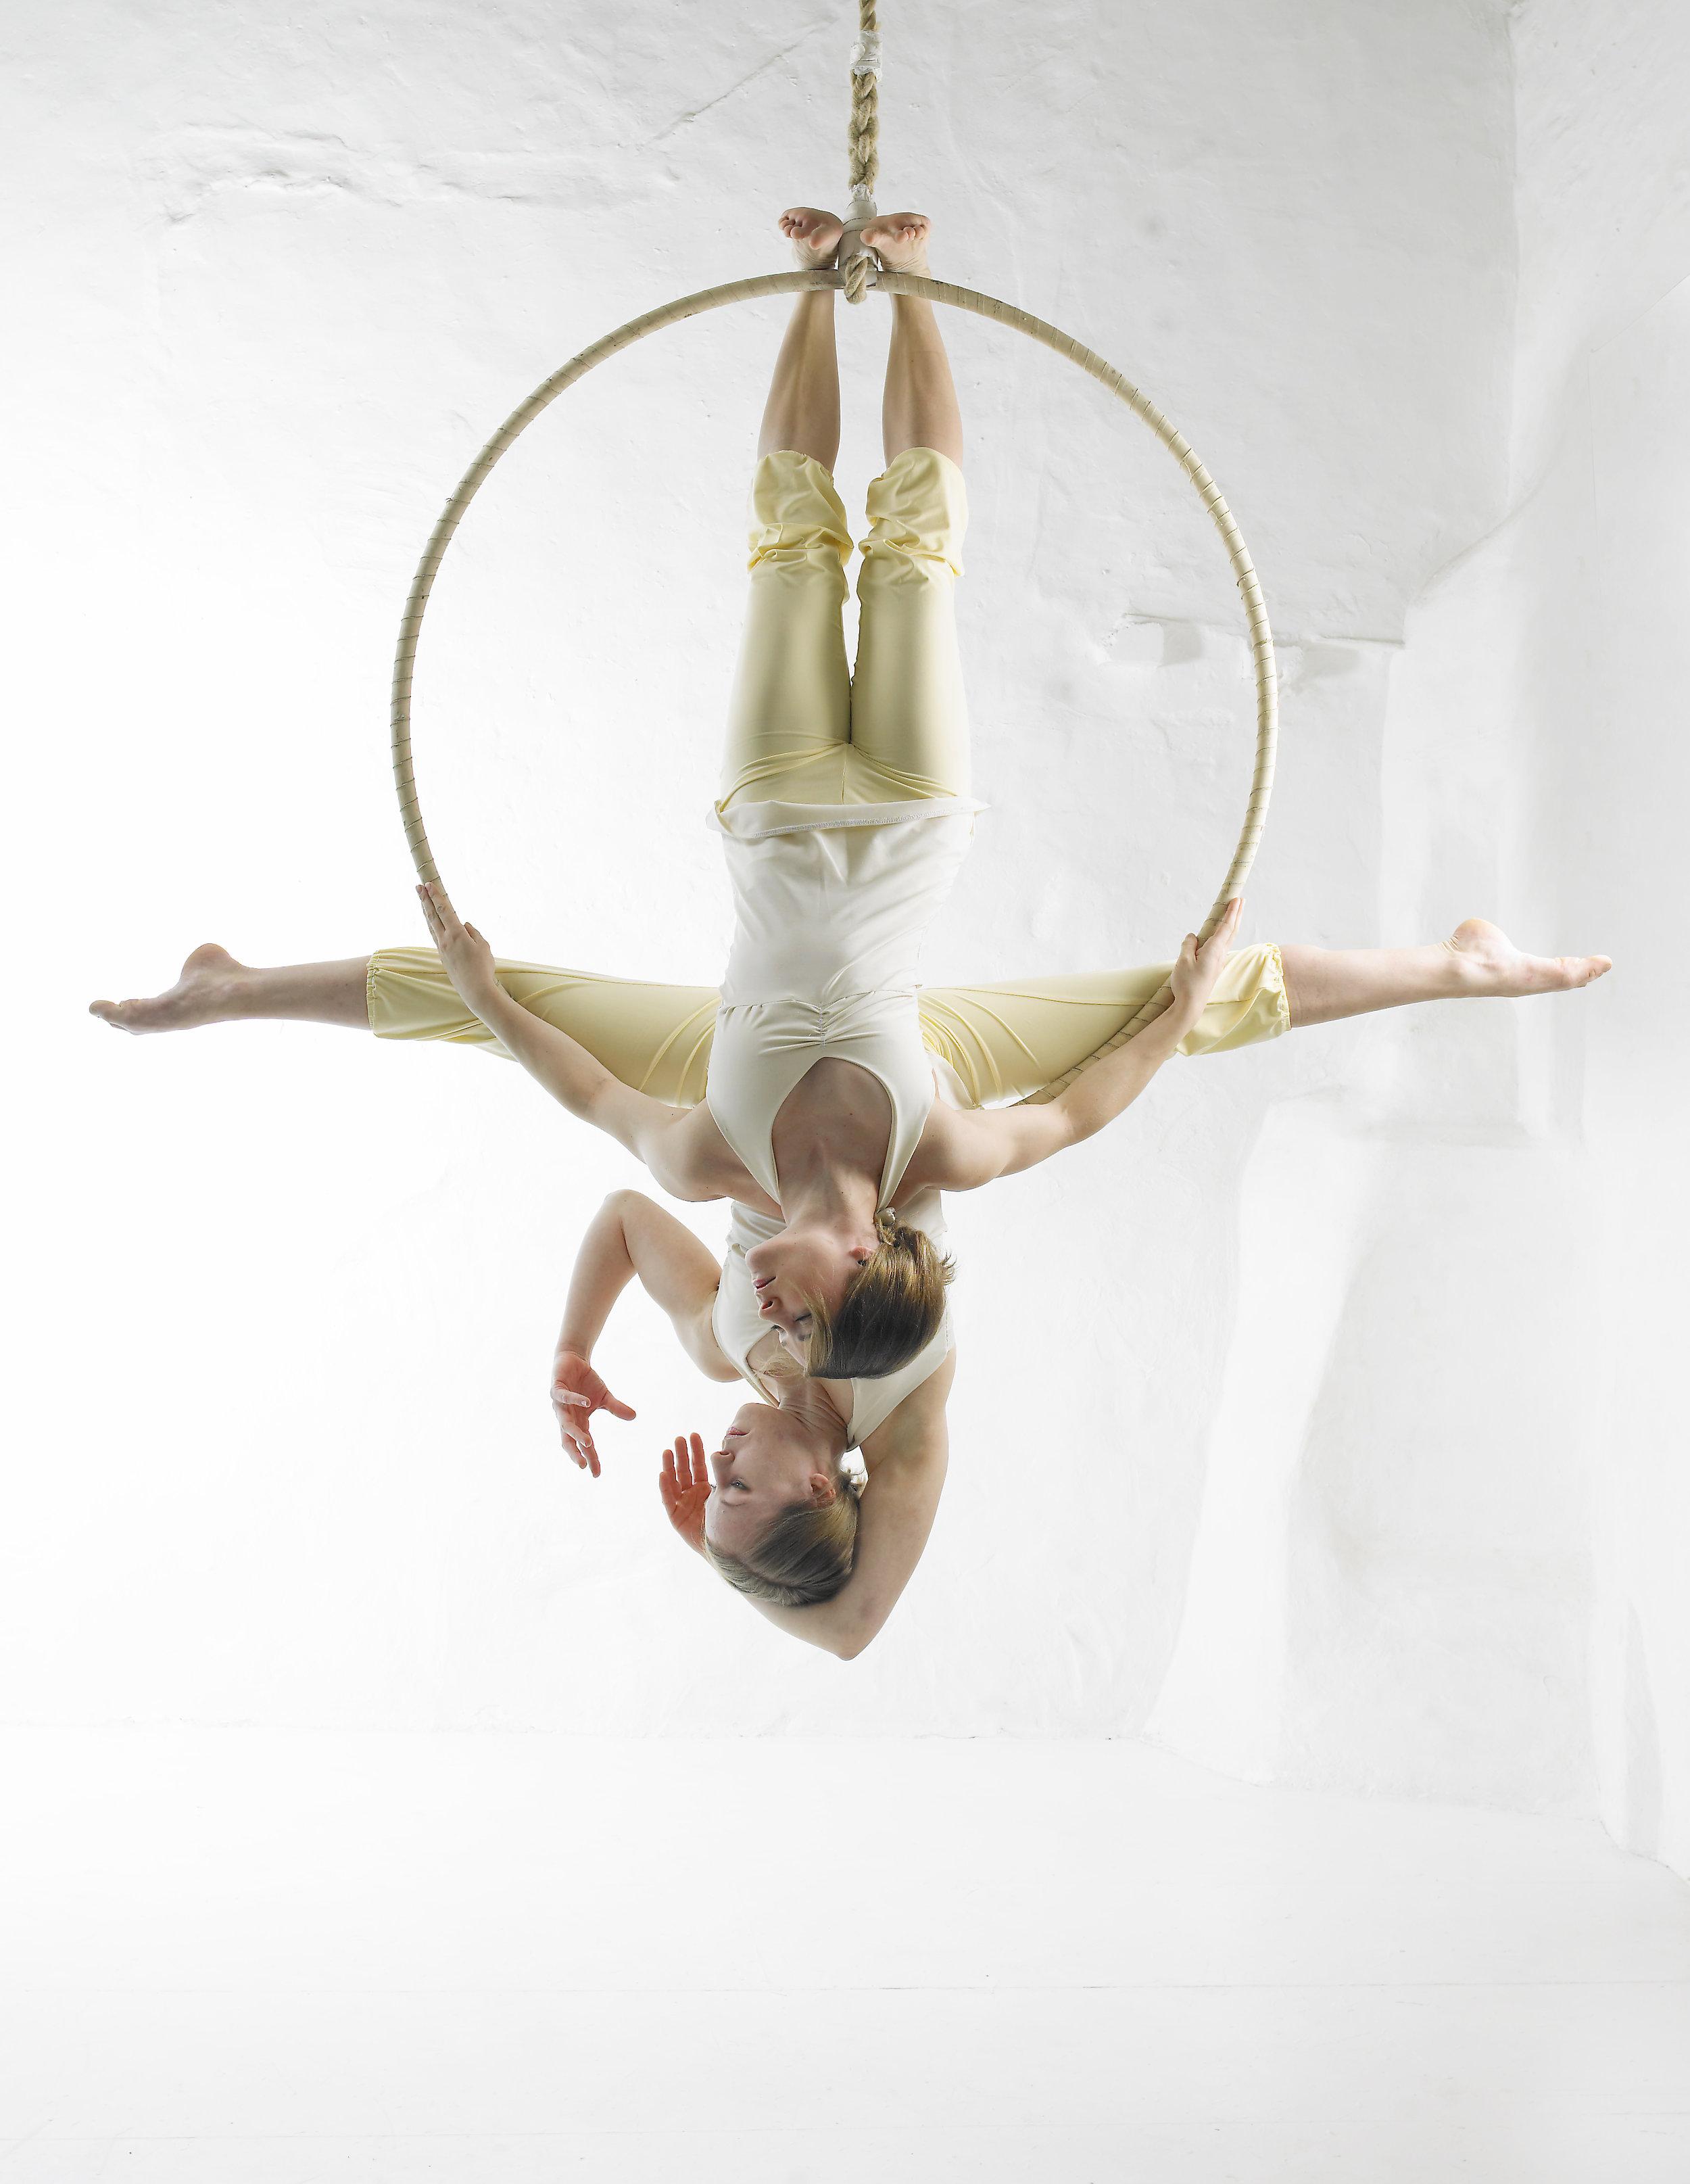 Aerial Hoop Duo, Lilli 02.jpg